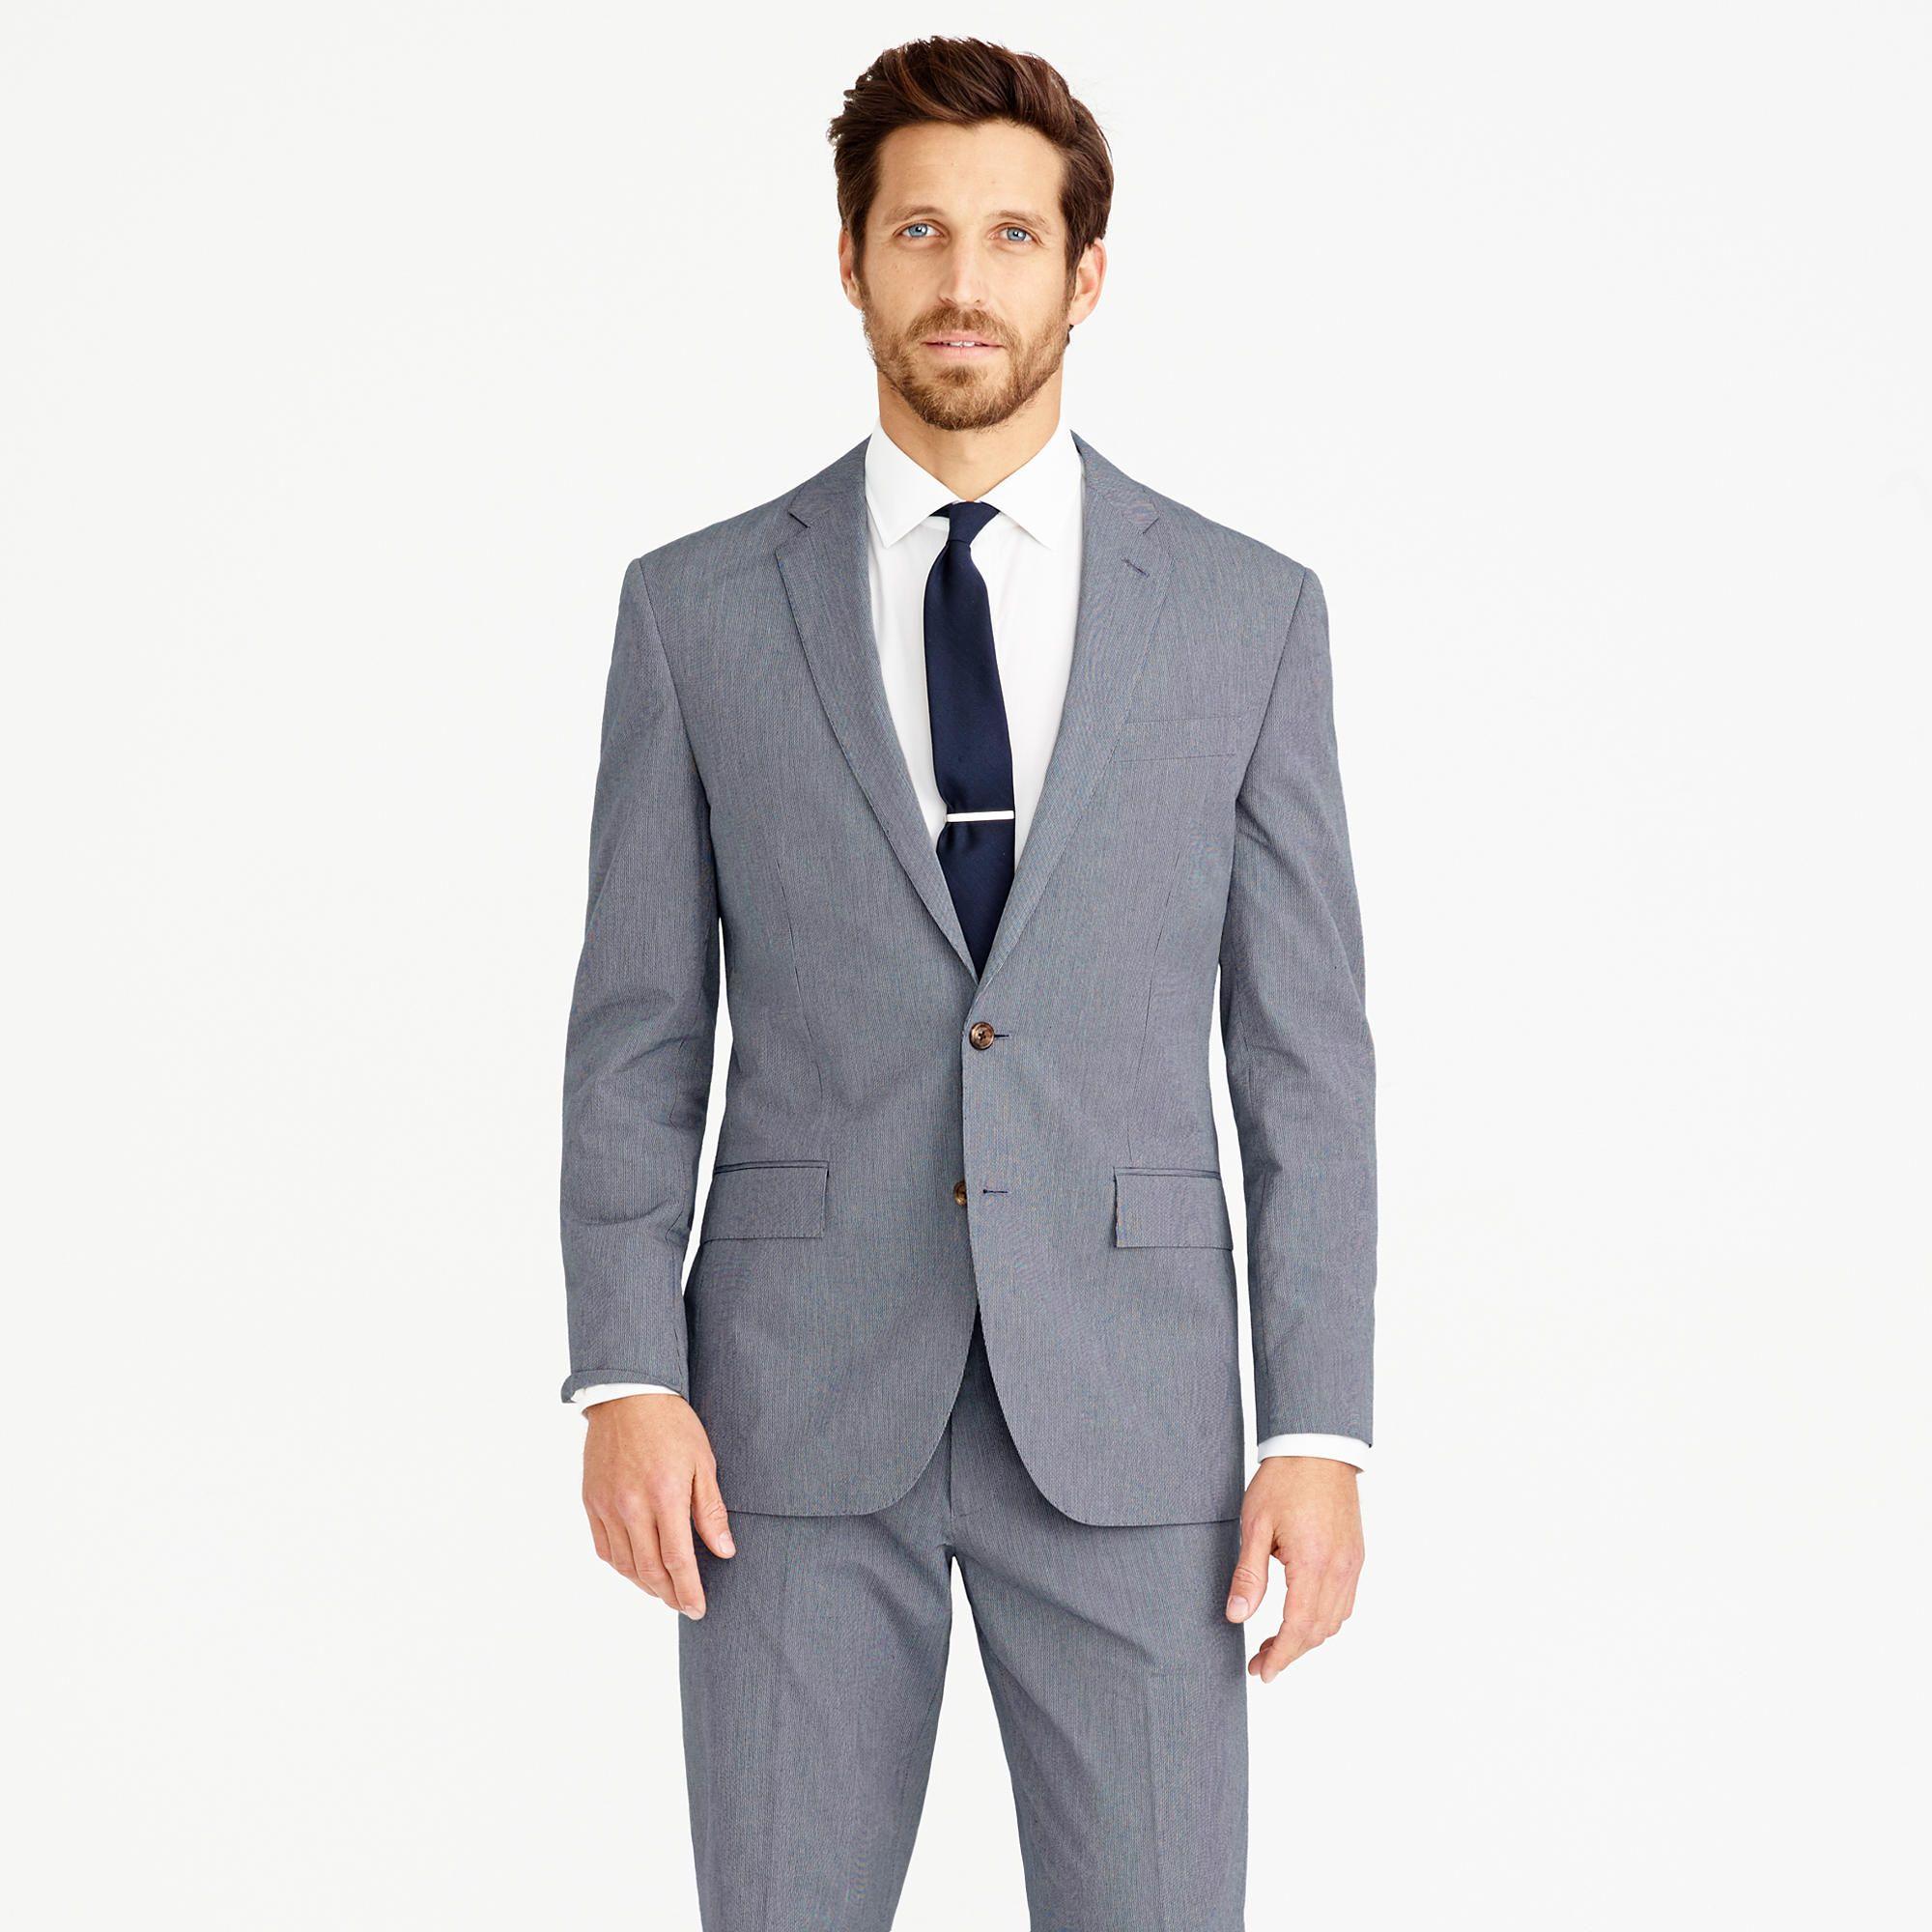 ecce6cfc3e50f Crosby suit jacket in Italian microstripe cotton - suits -Men- J.Crew